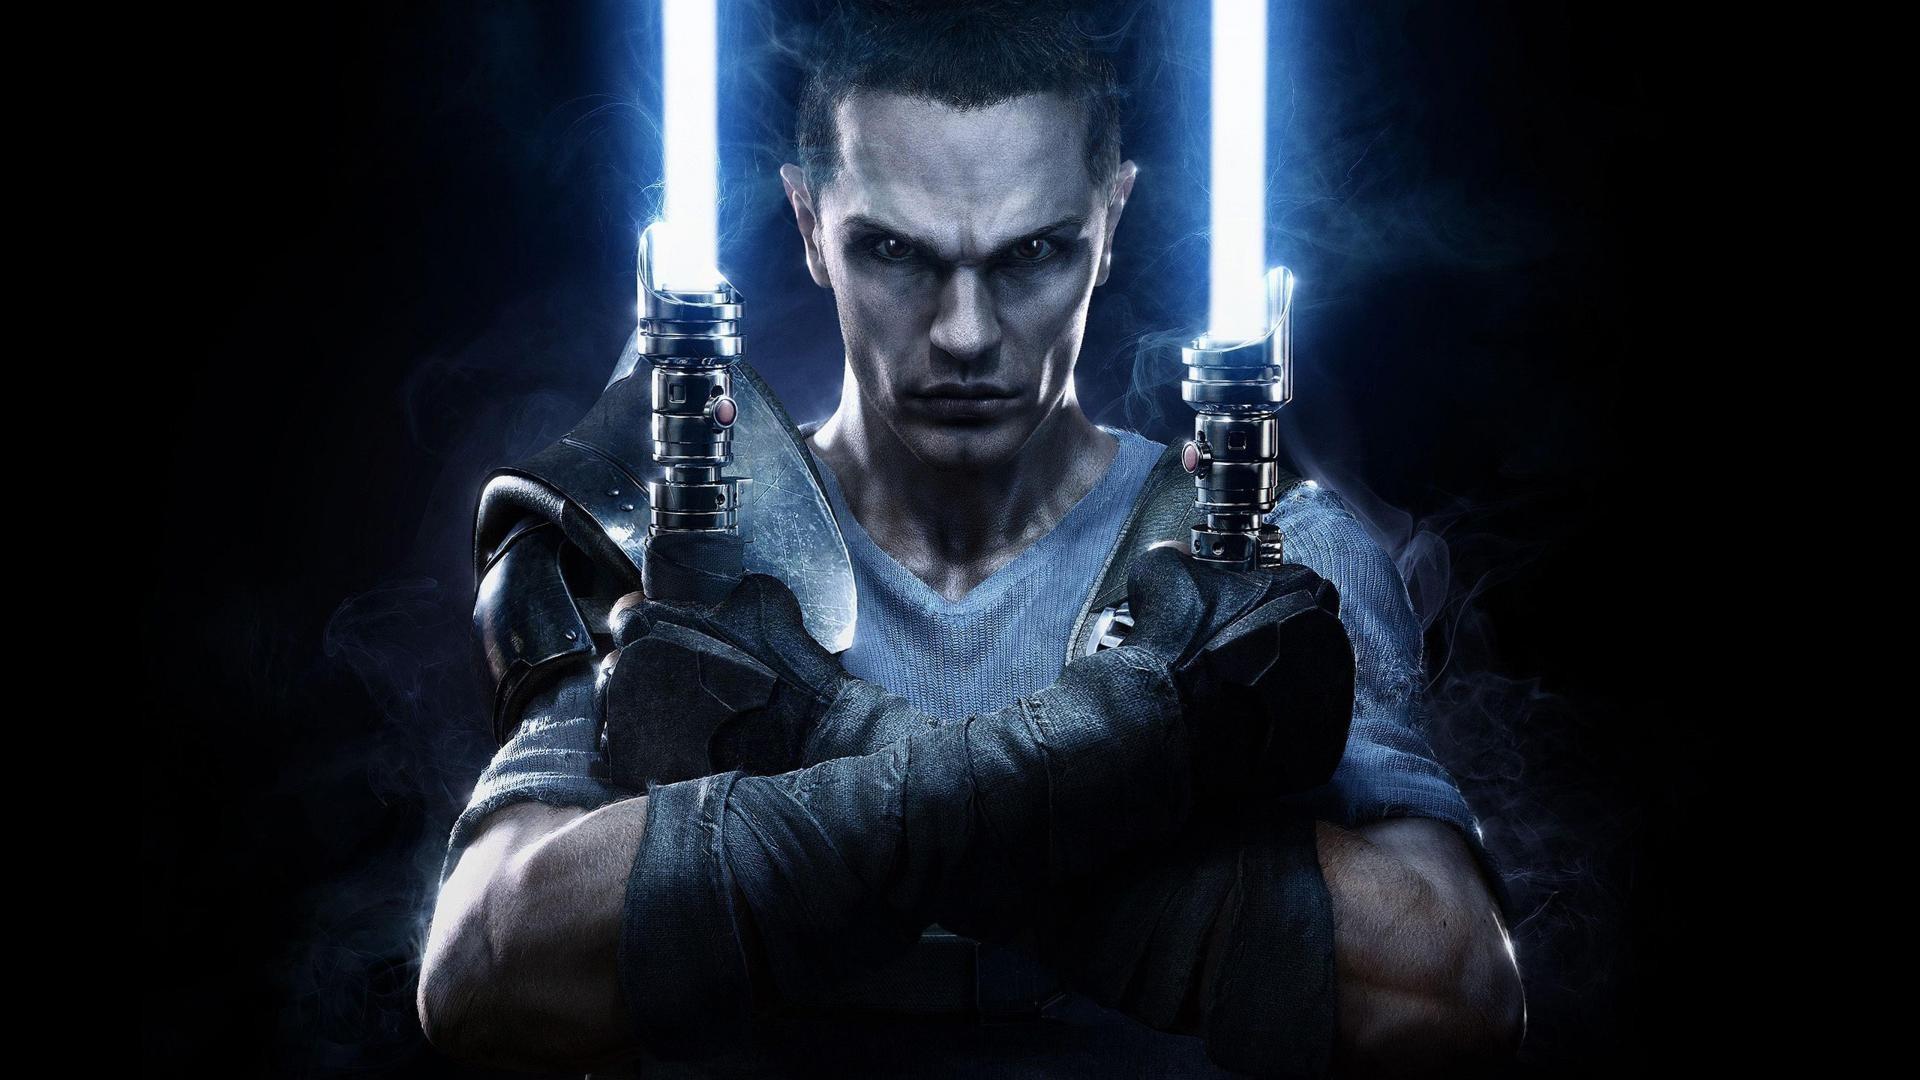 Download Wallpaper 3840×2160 Star wars, Jedi, Sword 4K Ultra HD HD .